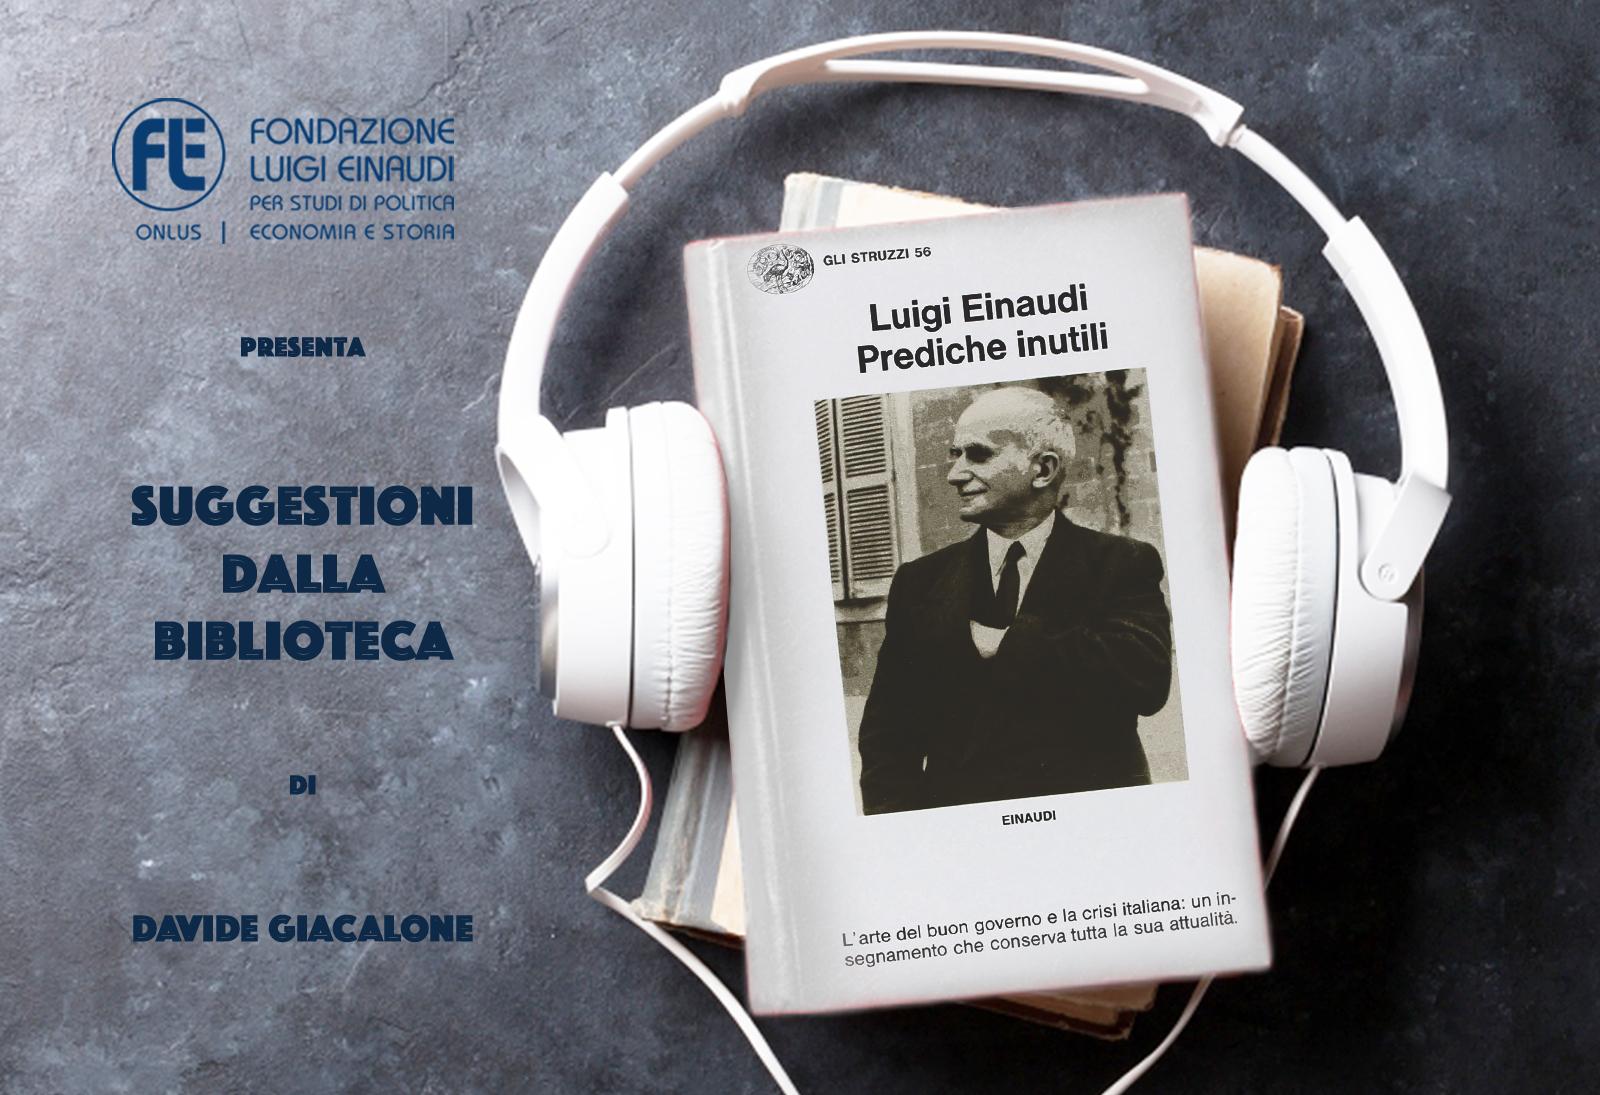 Luigi Einaudi – Prediche inutili